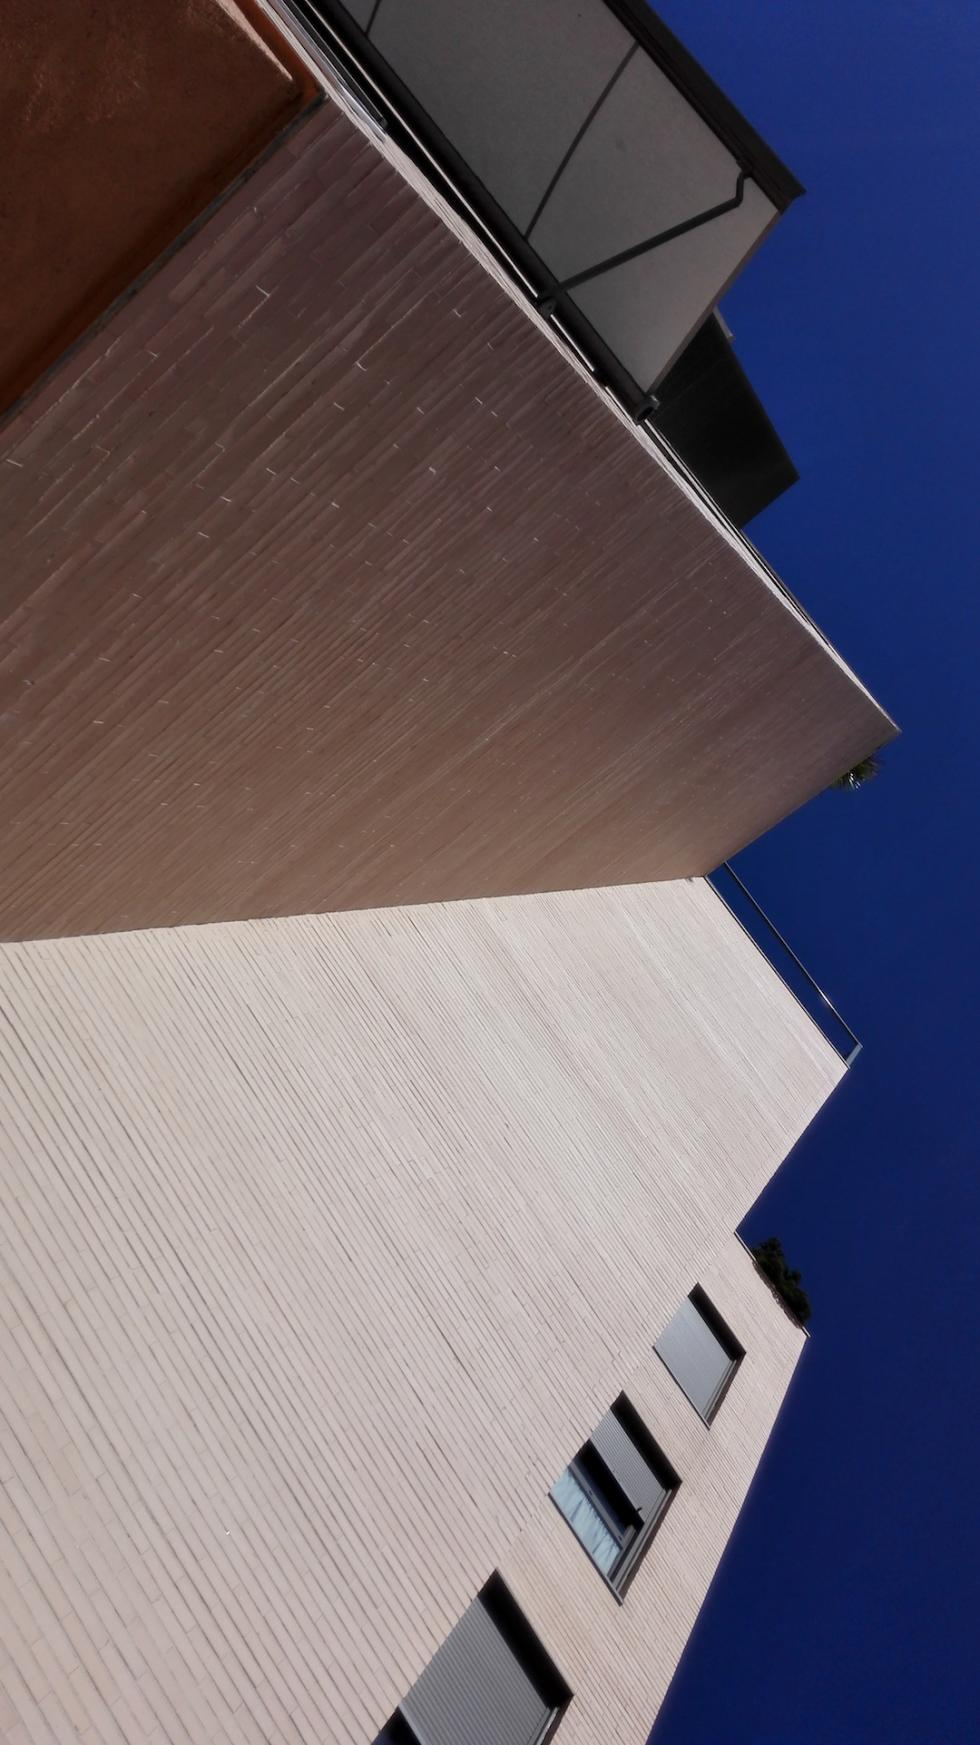 Fotografía luces y sombras vertical